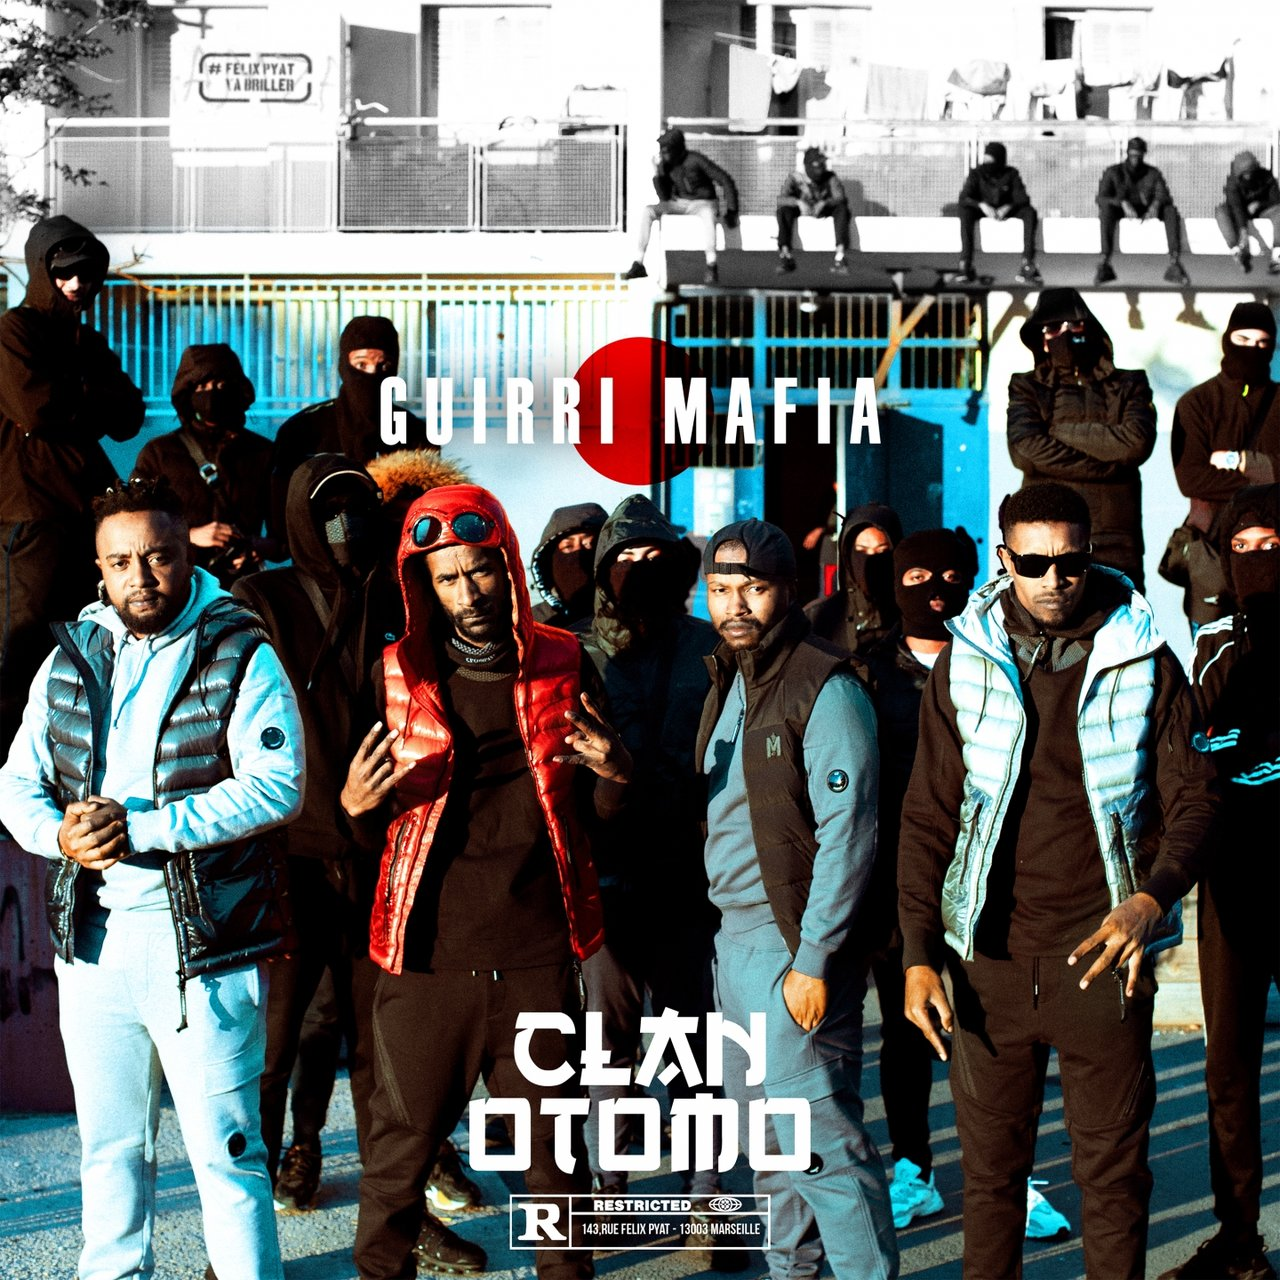 Guirri Mafia - Clan Ötomo (Cover)